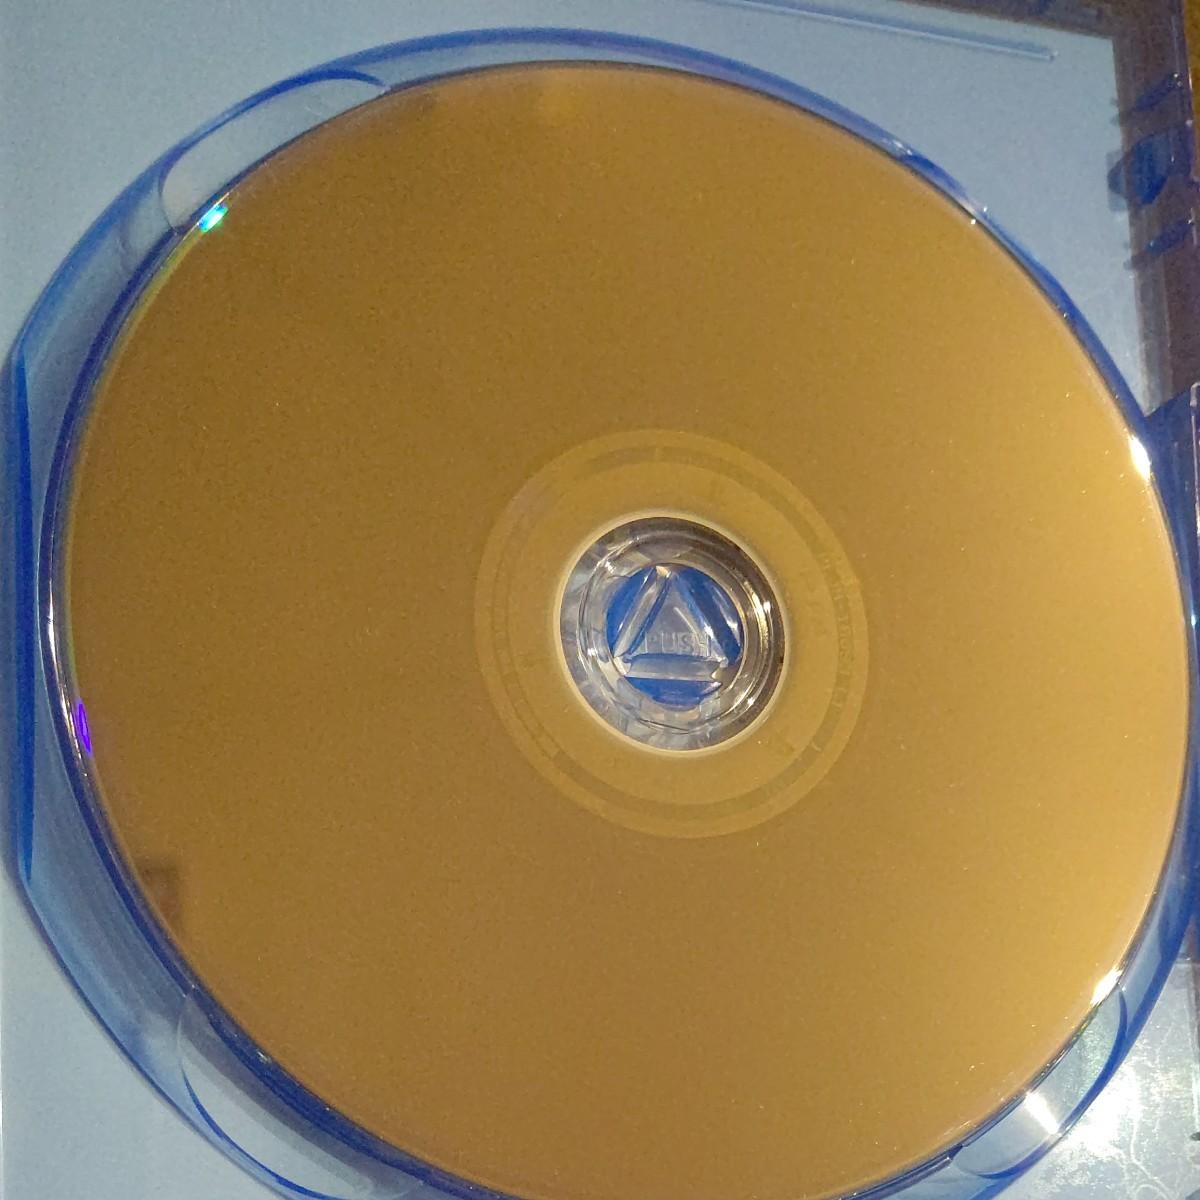 PS4 バイオハザード7 レジデントイービル ゴールドエディション